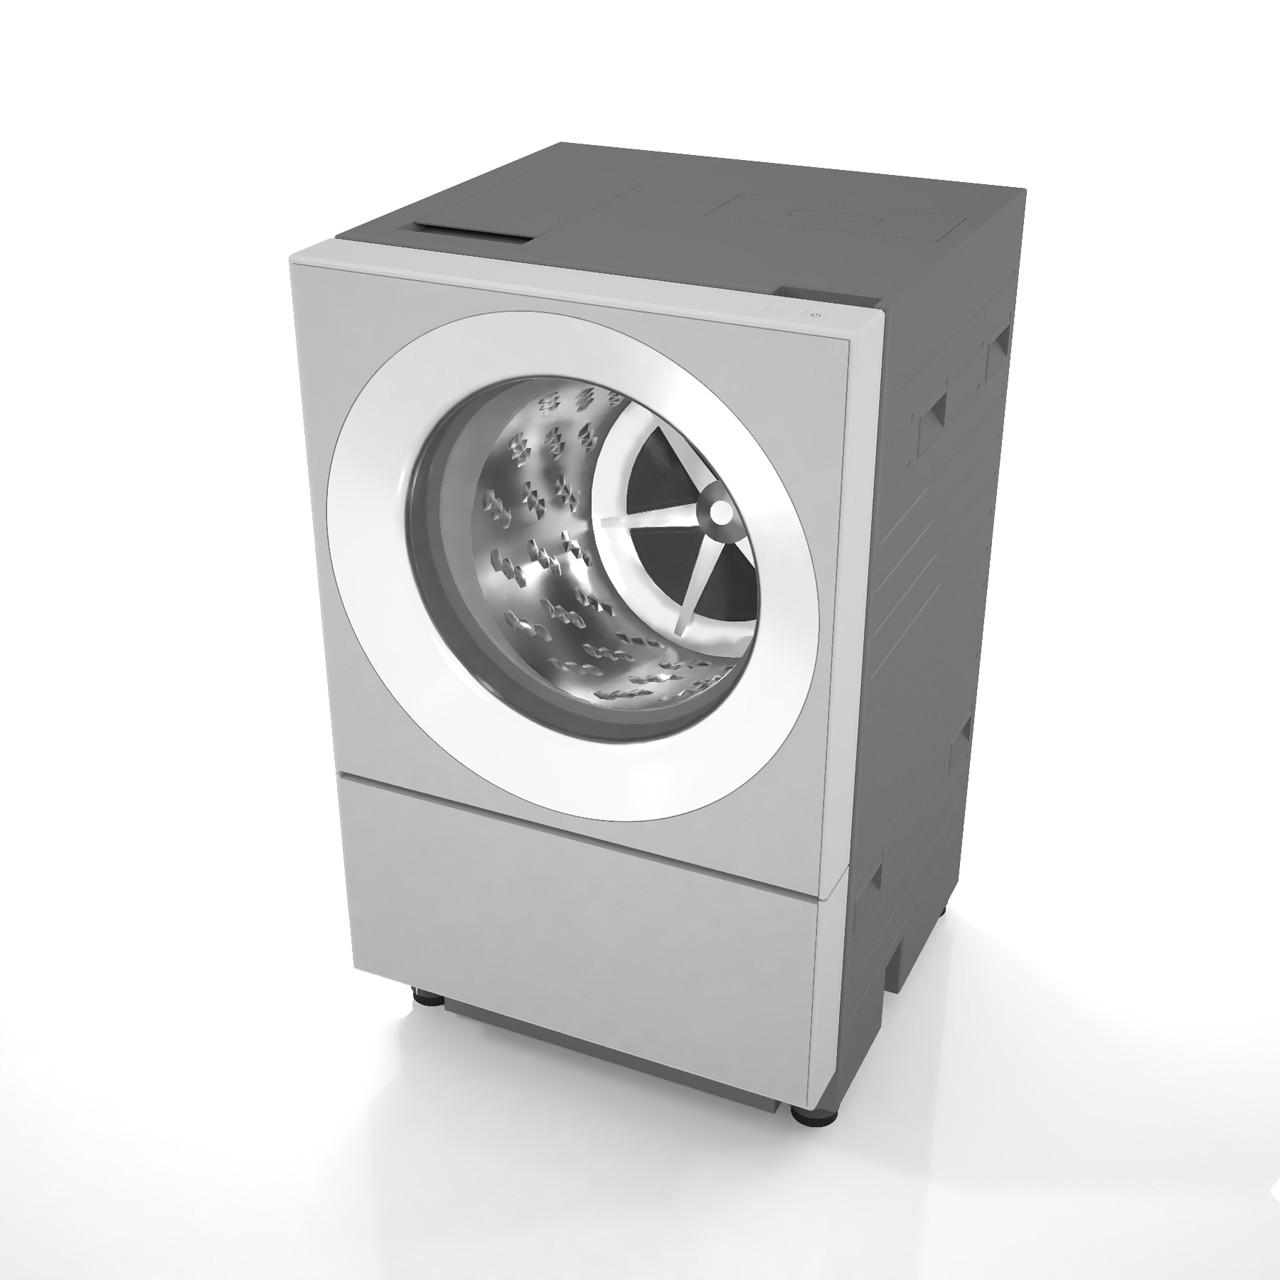 幅600mmサイズのななめドラム洗濯乾燥機(シルバー色)(洗濯・脱水容量/乾燥容量 - 10kg/5kg)の3dCADデータ│インテリア 洗面所 洗面室 家電製品 かでん 洗濯機 せんたくき Sentakki 乾燥機 かんそうき ランドリールーム senntakuki washing machiner│3d cad データ フリー ダウンロード 無料 商用可能 建築パース フリー素材 formZ 3D 3ds obj Free download│digital-architex.com